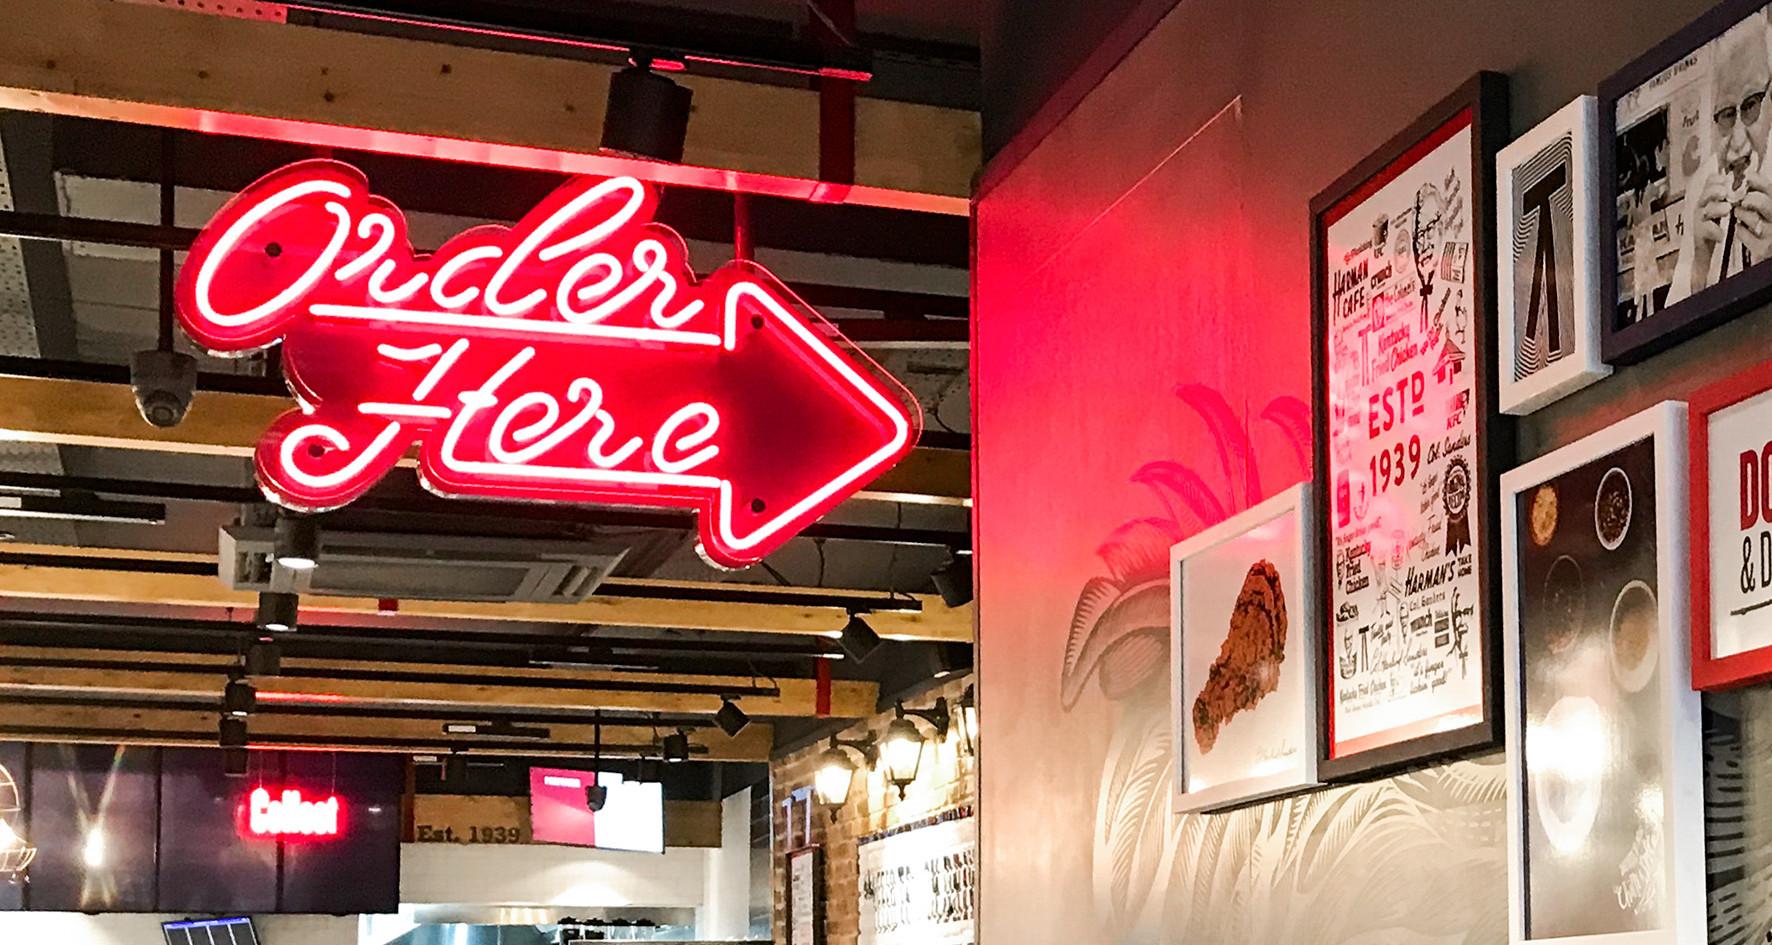 Nis-Signs-KFC-Neon.jpg